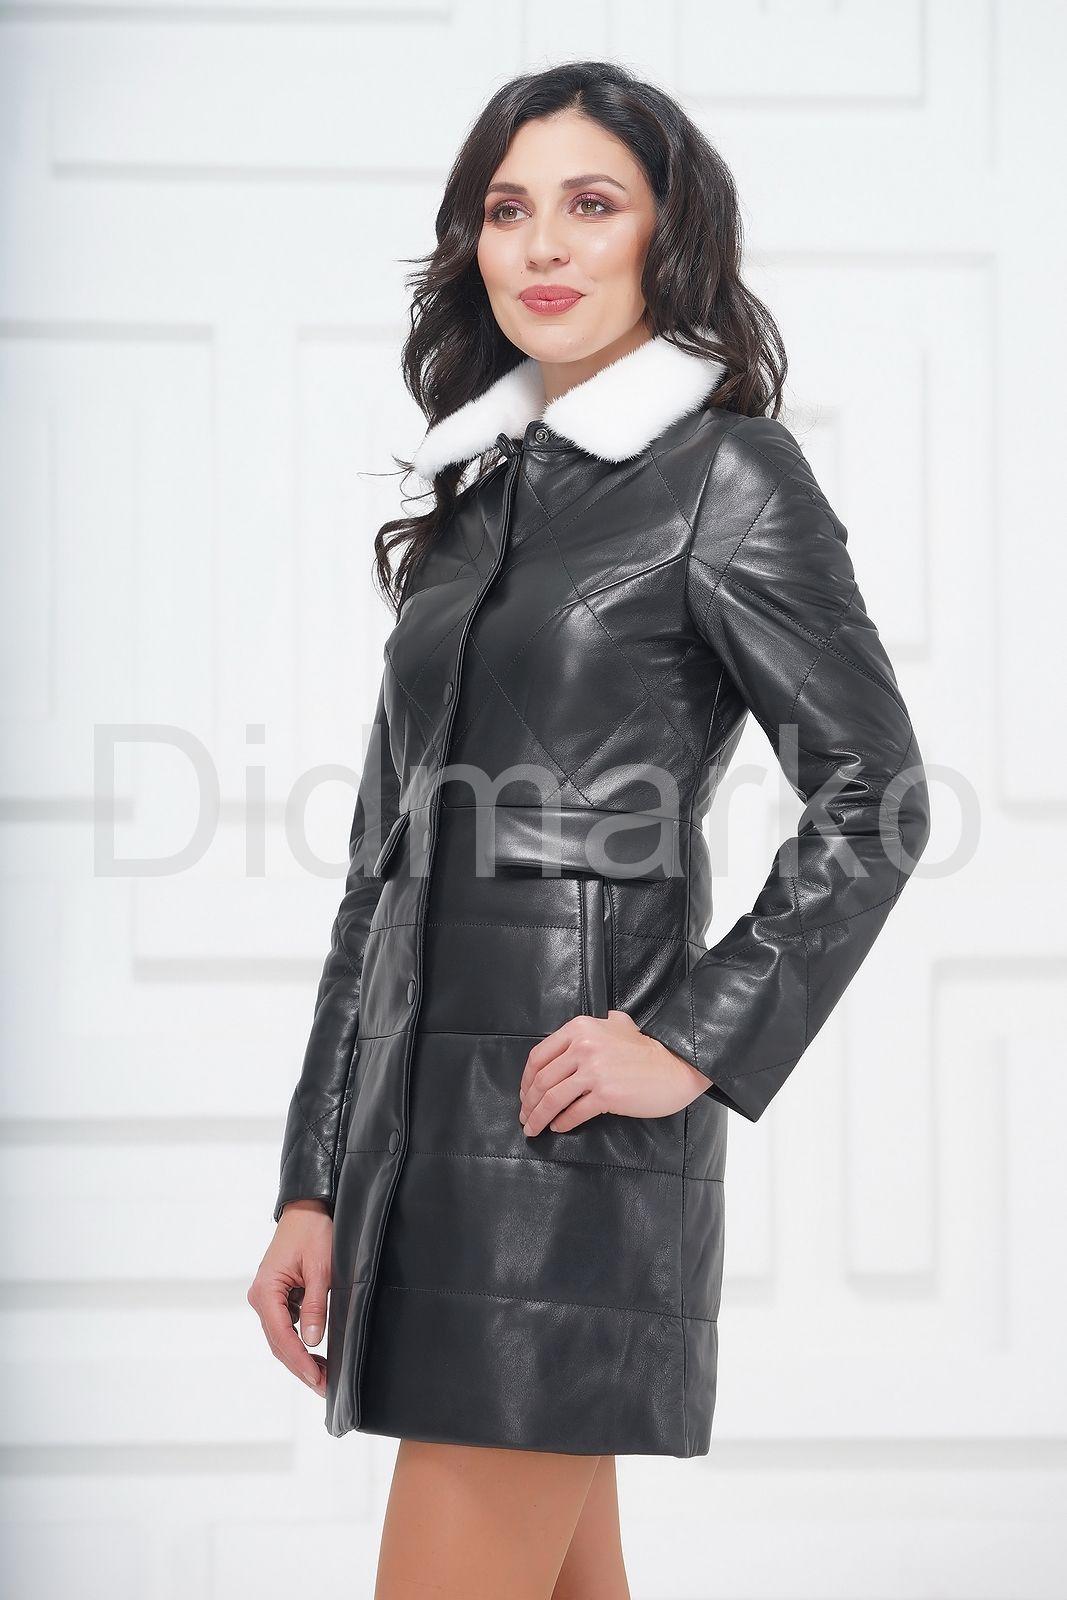 62d8a9491bd Демисезонное кожаное пальто с воротником из меха норки купить по ...